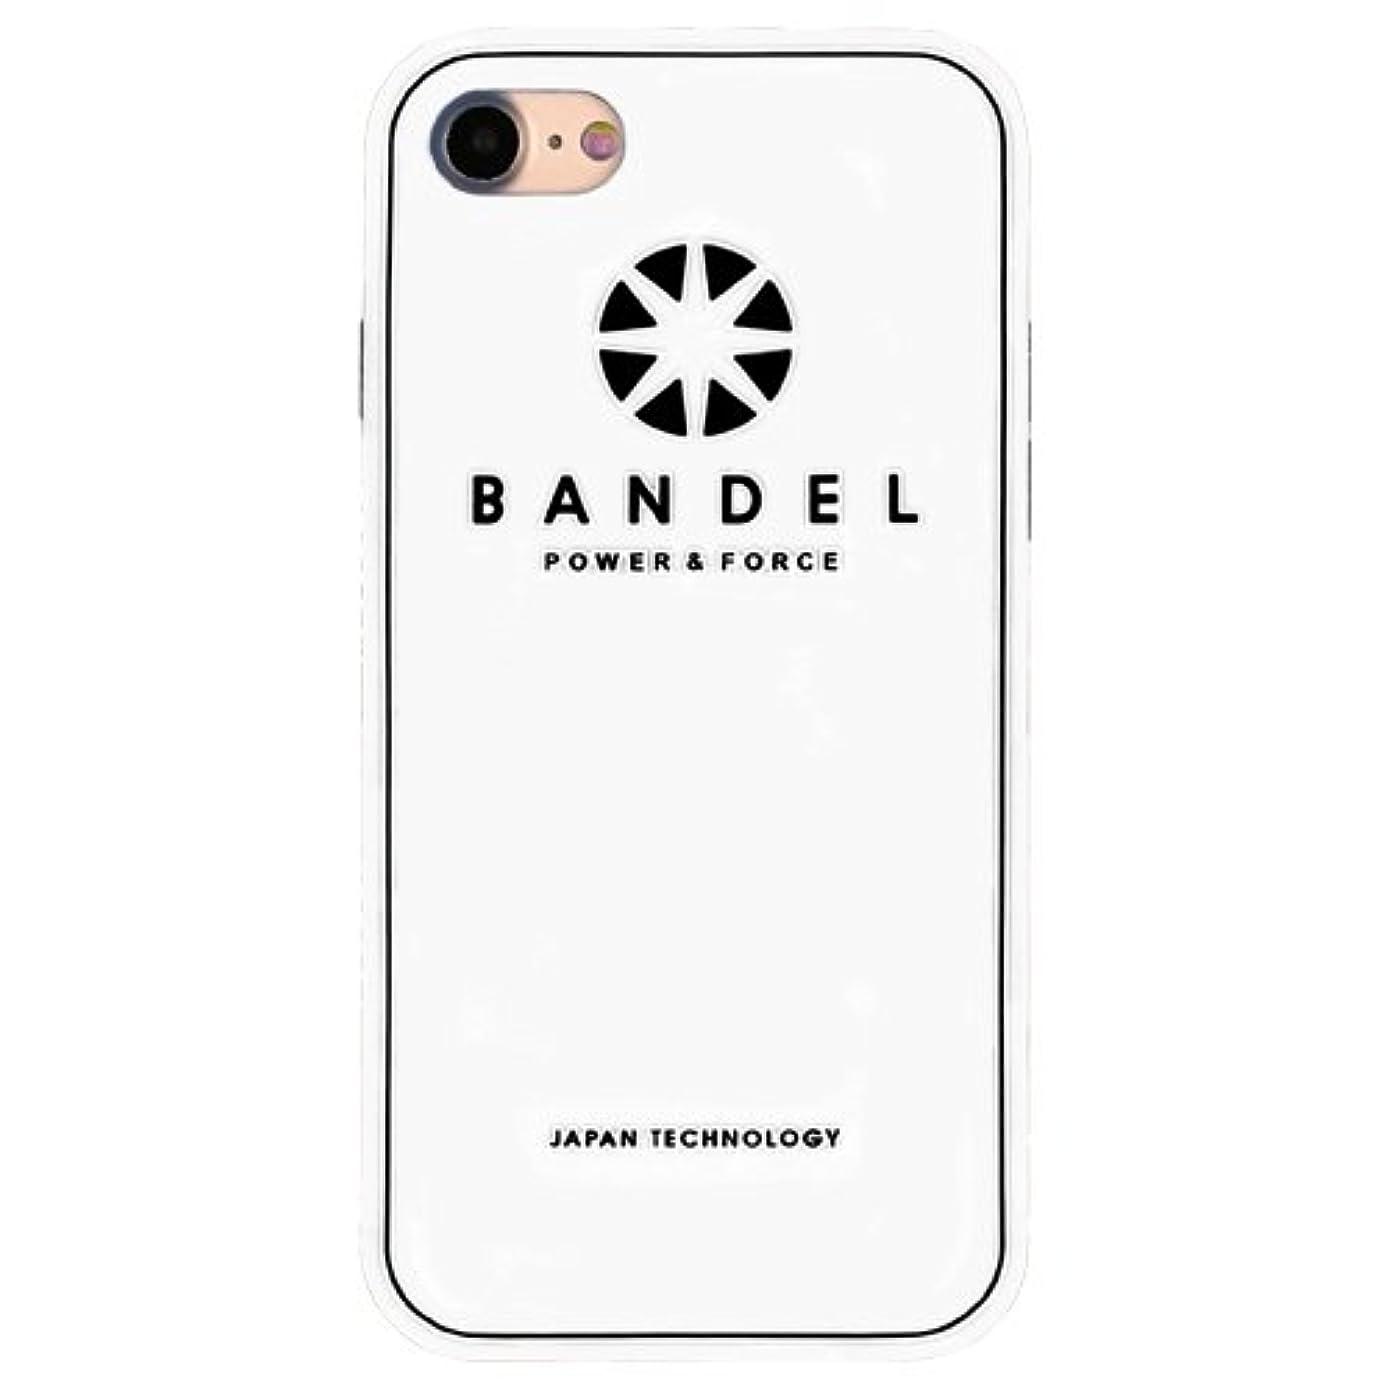 傾向王朝虚弱バンデル(BANDEL) ロゴ iPhone 8専用 シリコンケース [ホワイト×ブラック]